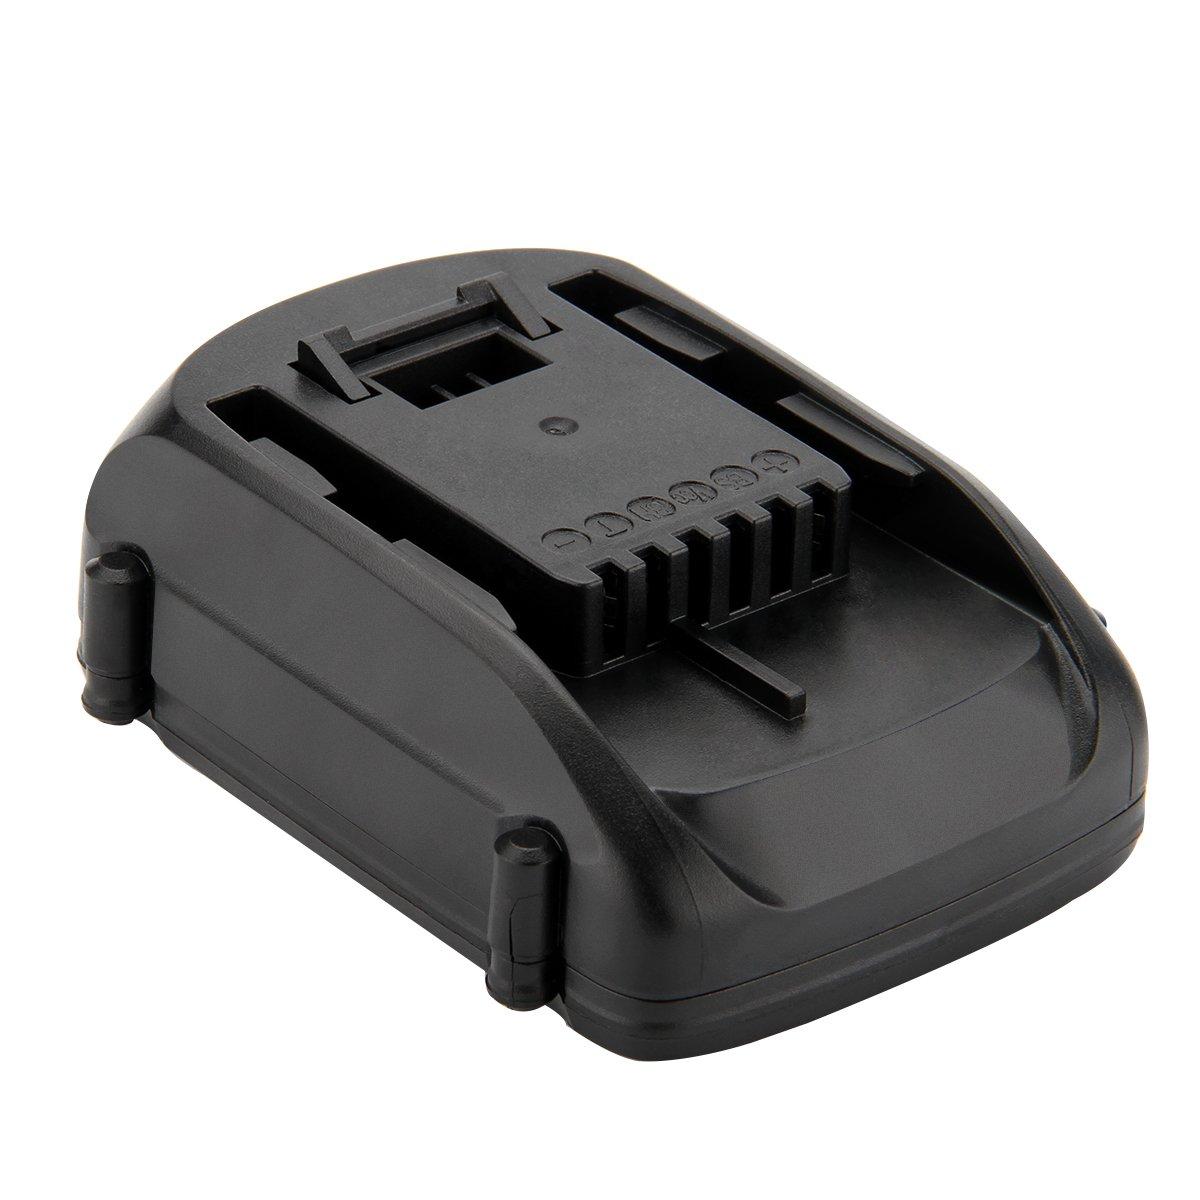 Creabest New 18V 2500mAh Li-ion Battery Replace for Worx WA3512.1 WA3512 WA3511 WX163 Replacement Battery (Pack of 1)